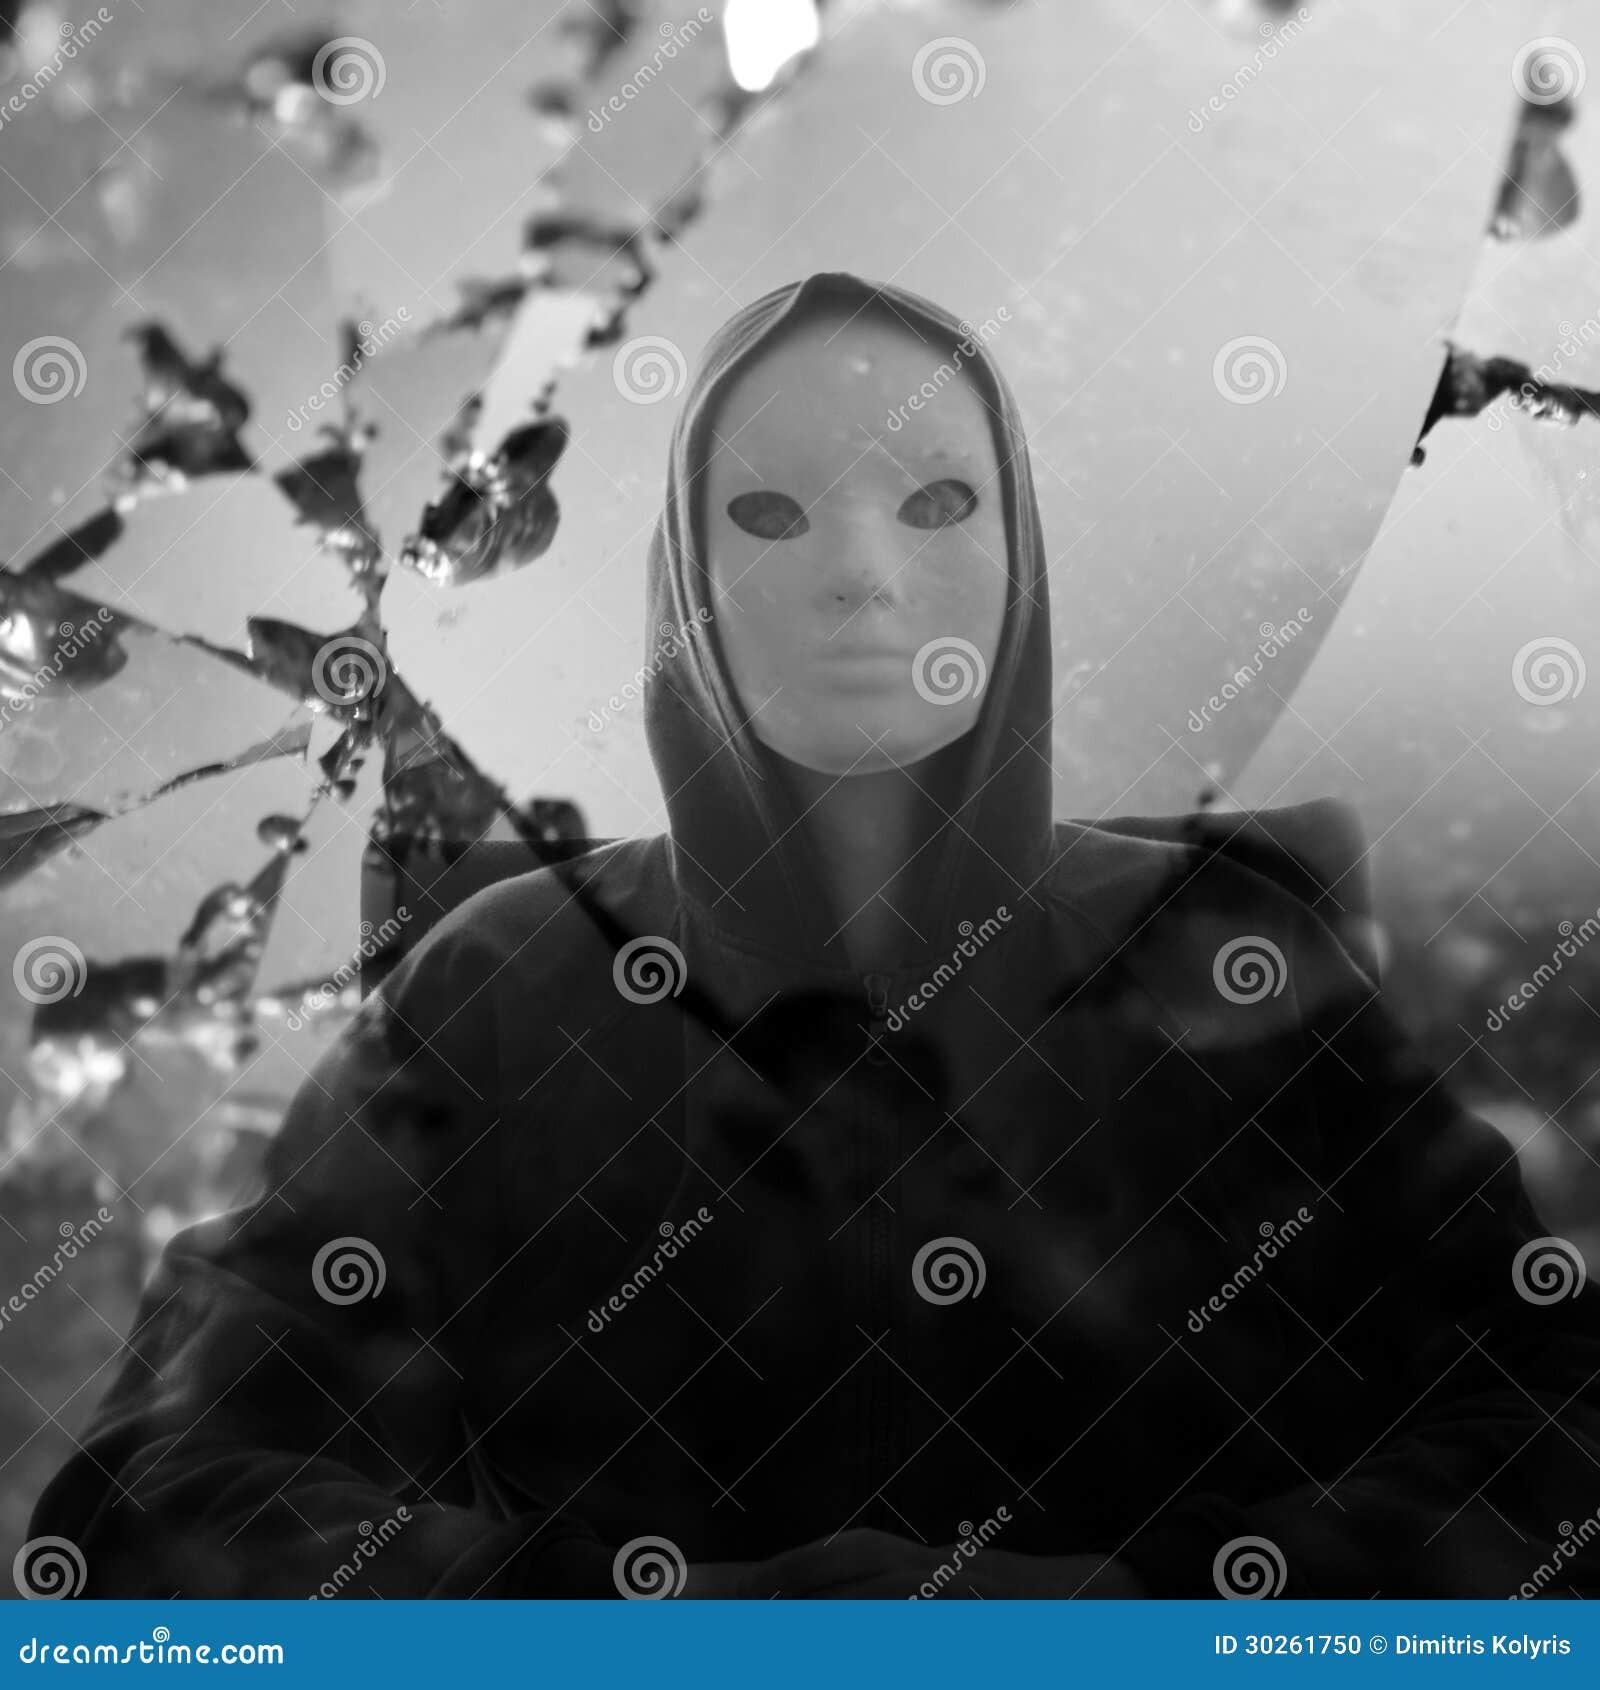 Halloween Mirror Illusion